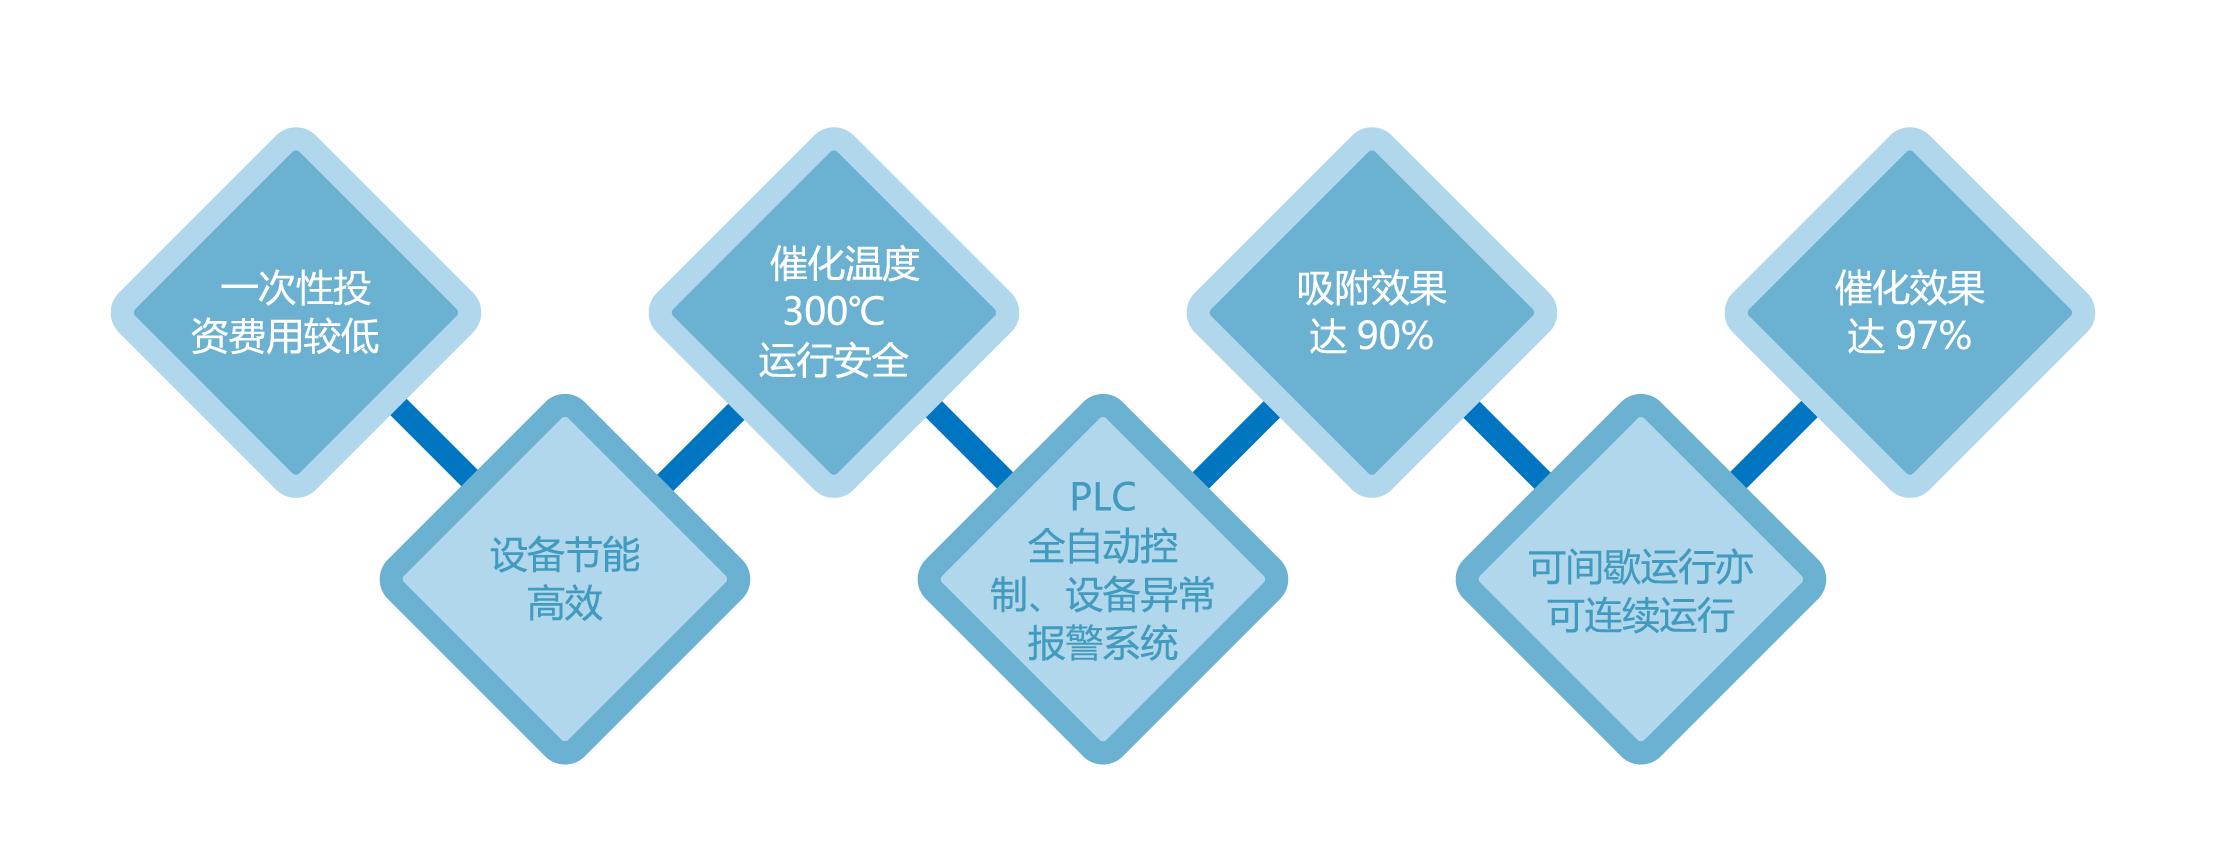 催化燃烧装置技术特点